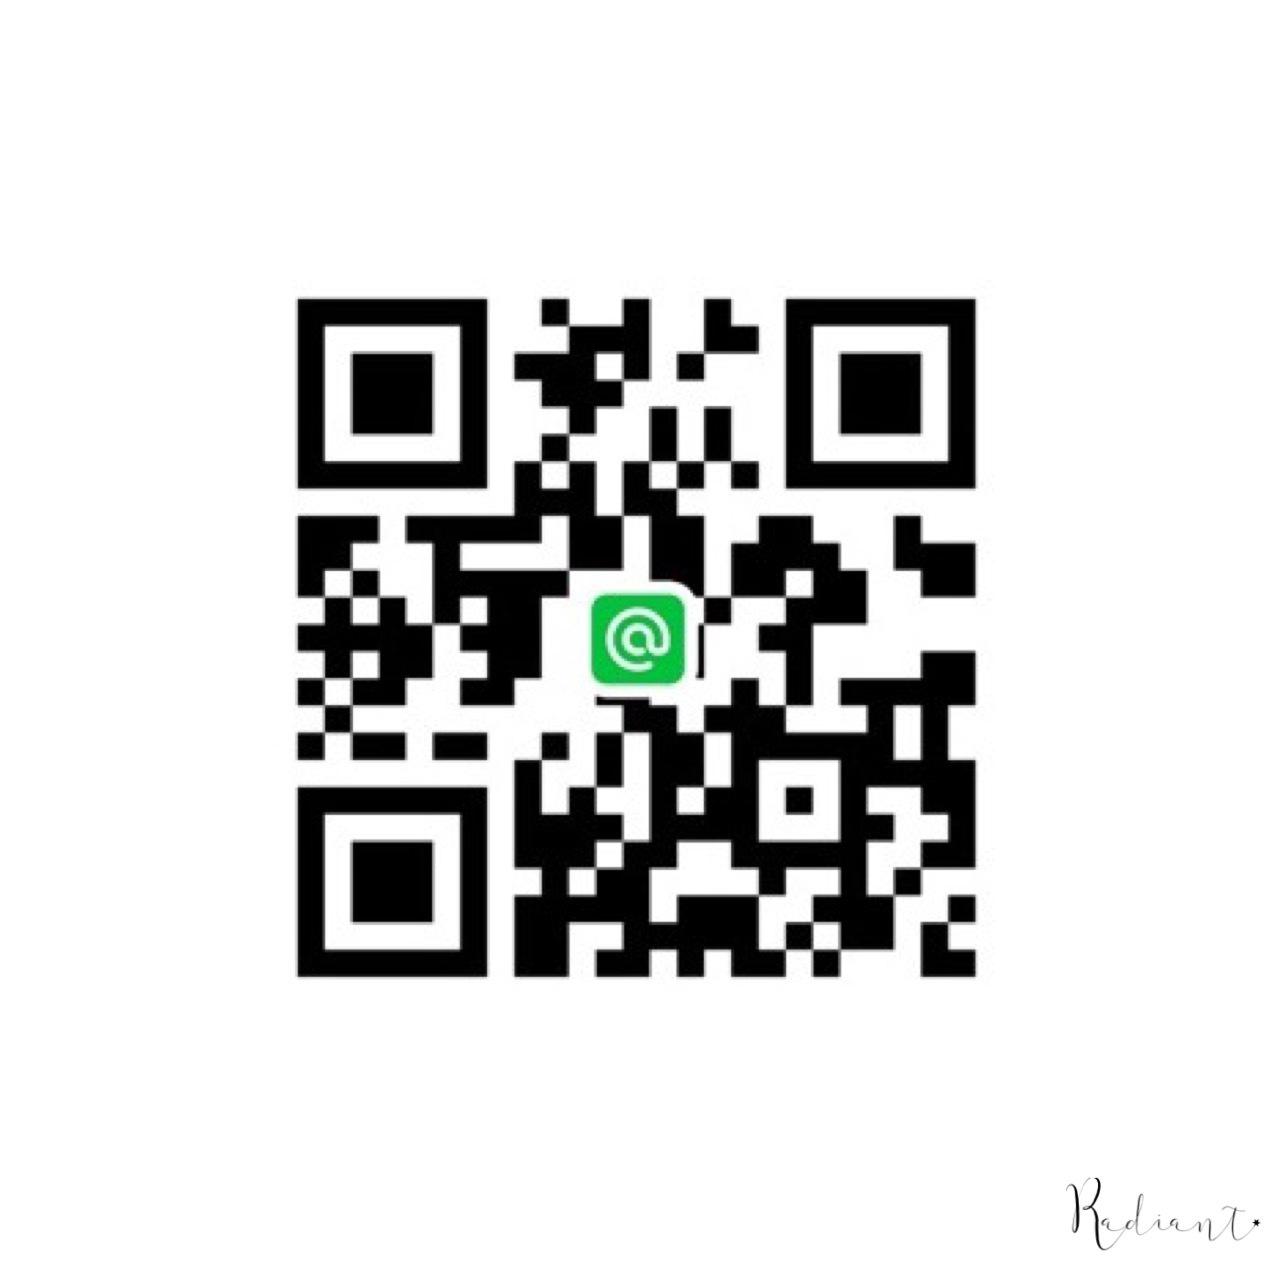 b0369963_09223615.jpg